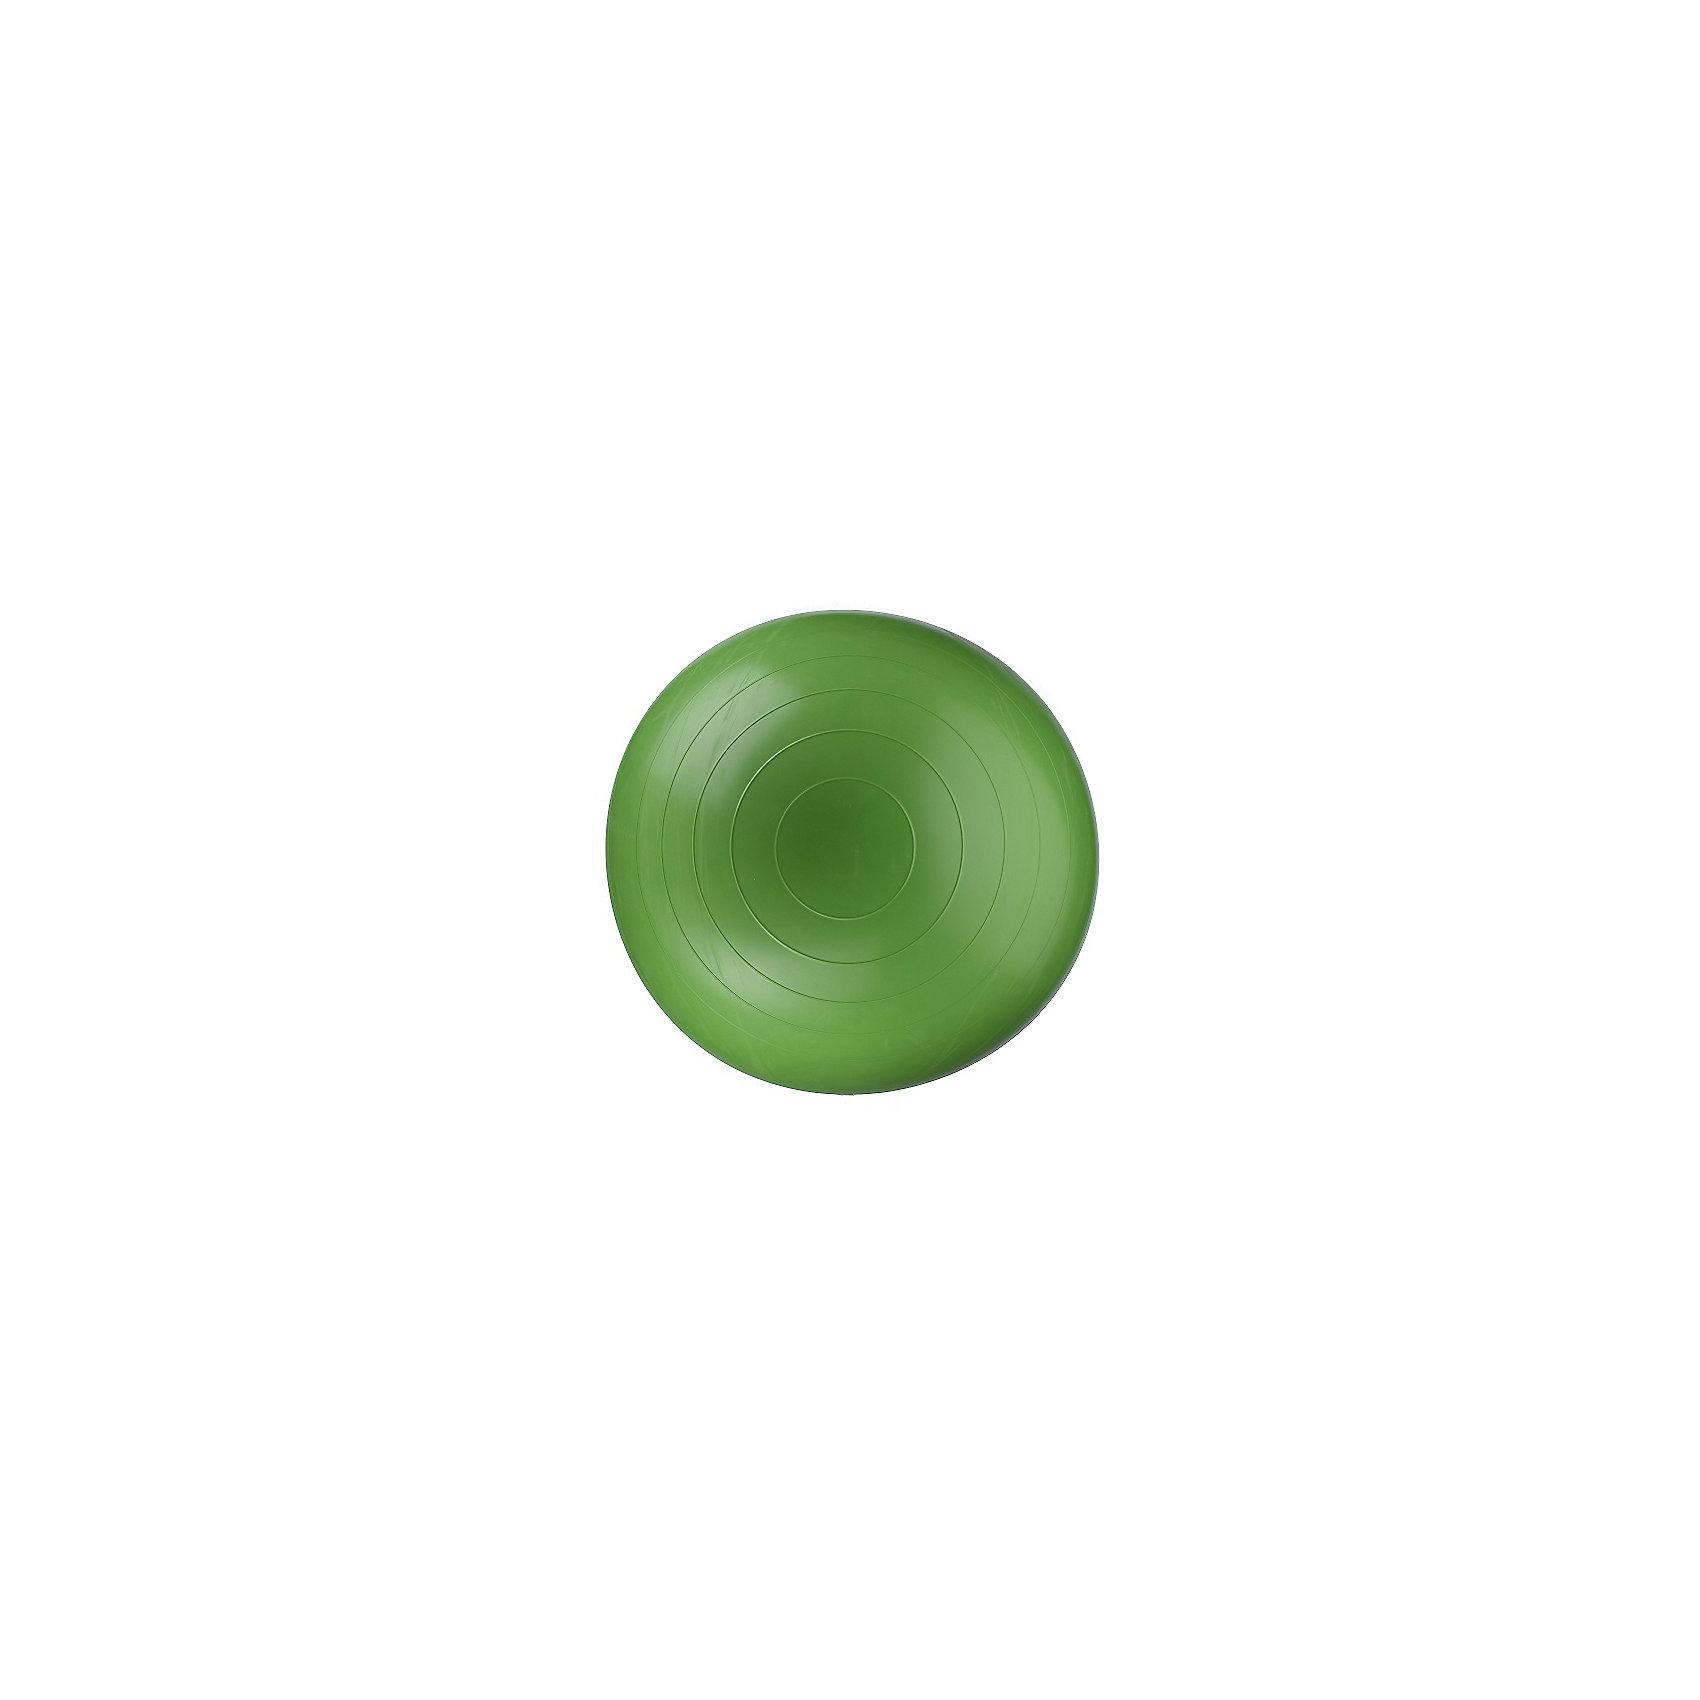 Мяч гимнастический (Фитбол), ?55см зеленый, DOKAТренажёры<br>Мяч гимнастический (Фитбол), ?55см зеленый, DOKA.<br><br>Характеристики:<br><br>• Возврат: от 4 месяцев до 16 лет<br>• Диаметр гимнастического мяча: 55 см.<br>• Выдерживает нагрузку до 200 кг.<br>• Система антивзрыв<br>• Материал: ПВХ (Германия)<br>• Цвет: зеленый<br><br>Яркий гимнастический мяч (фитбол) от отечественного производителя предназначен для: занятий спортивной и лечебной гимнастикой; развития и укрепления мышц спины, рук, живота и ног; формирования правильной осанки; игр и отдыха. Идеально подходит для занятий с детьми с 4-месячного возраста с целью формирования правильных рефлексов и развития координации движения. Фитбол снабжен системой антивзрыв, изготовлен на итальянском оборудовании из нетоксичного и гипоаллергенного ПВХ (Германия) безвредного для детей любого возраста. Мяч очень легкий и компактный, надувается насосом в считанные минуты. Во время гимнастики на фитболе сгорает больше килокалорий, чем при простой силовой тренировке, так как равномерно прорабатываются те группы мышц, которые обычно недоступны, особенно мышцы брюшного пресса и спины.<br><br>Мяч гимнастический (Фитбол), ?55см зеленый, DOKA можно купить в нашем интернет-магазине.<br><br>Ширина мм: 122<br>Глубина мм: 153<br>Высота мм: 254<br>Вес г: 1020<br>Возраст от месяцев: 4<br>Возраст до месяцев: 192<br>Пол: Унисекс<br>Возраст: Детский<br>SKU: 5510730